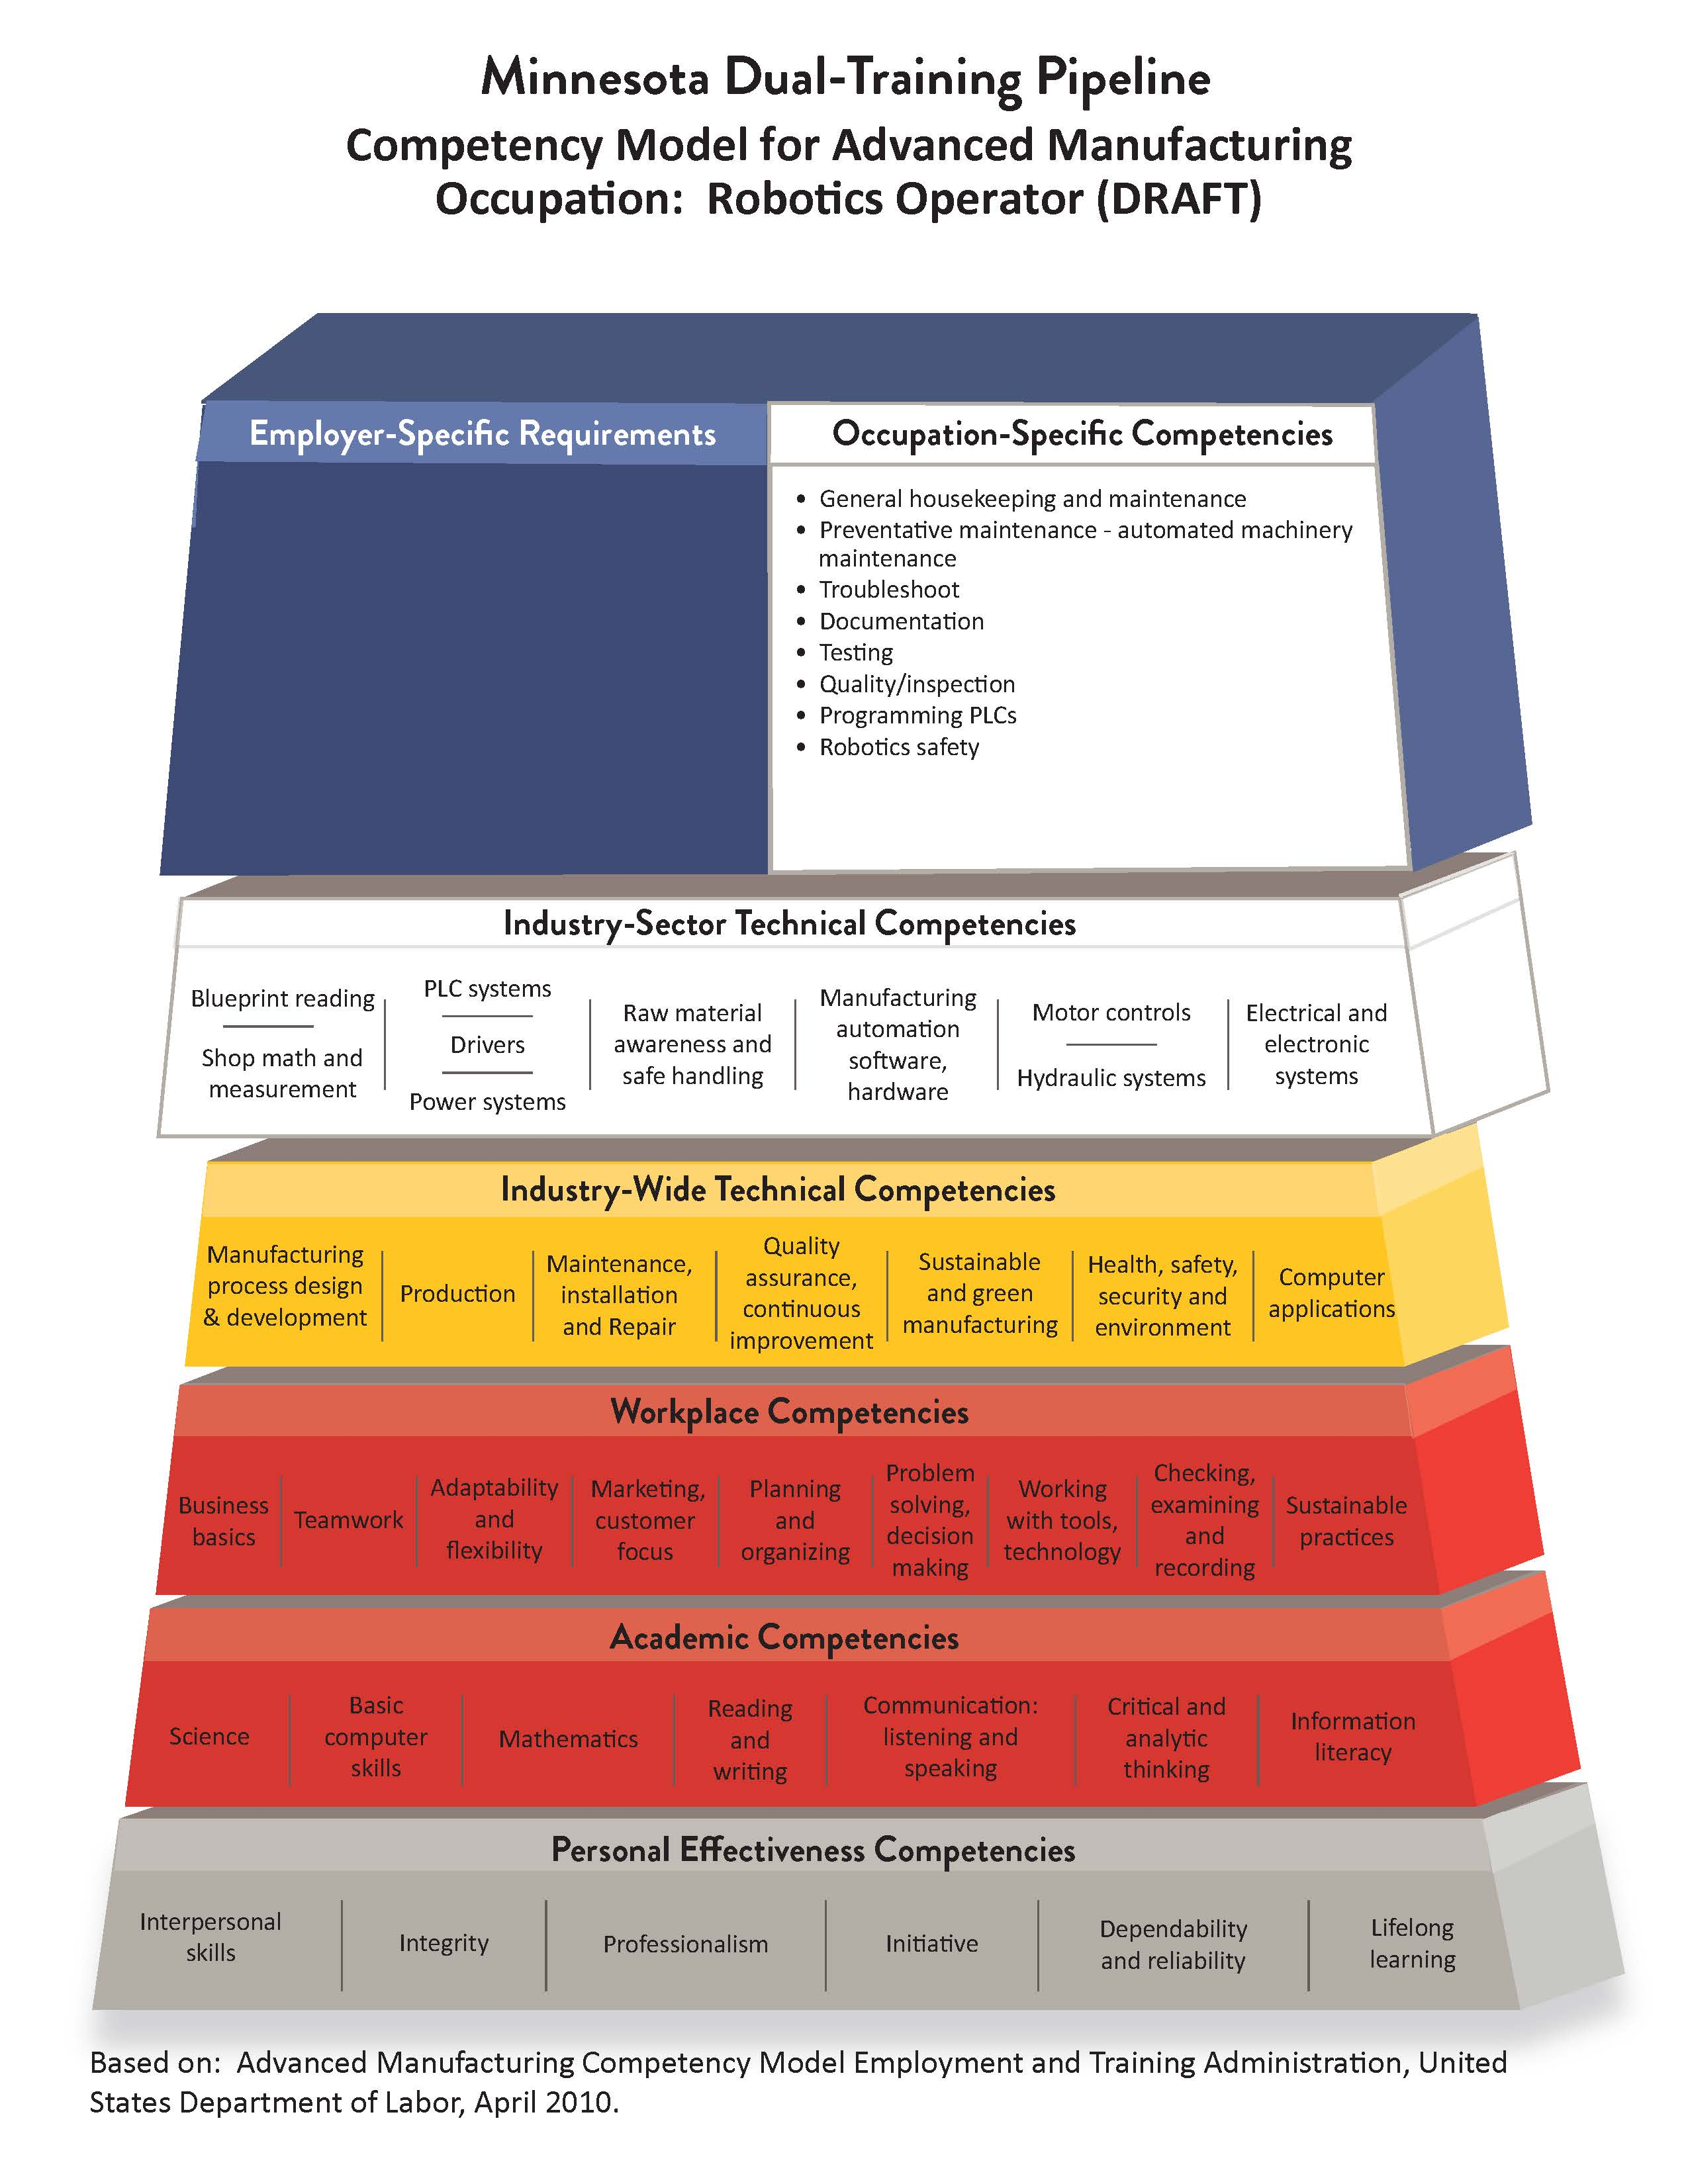 Robotics Operator Pyramid